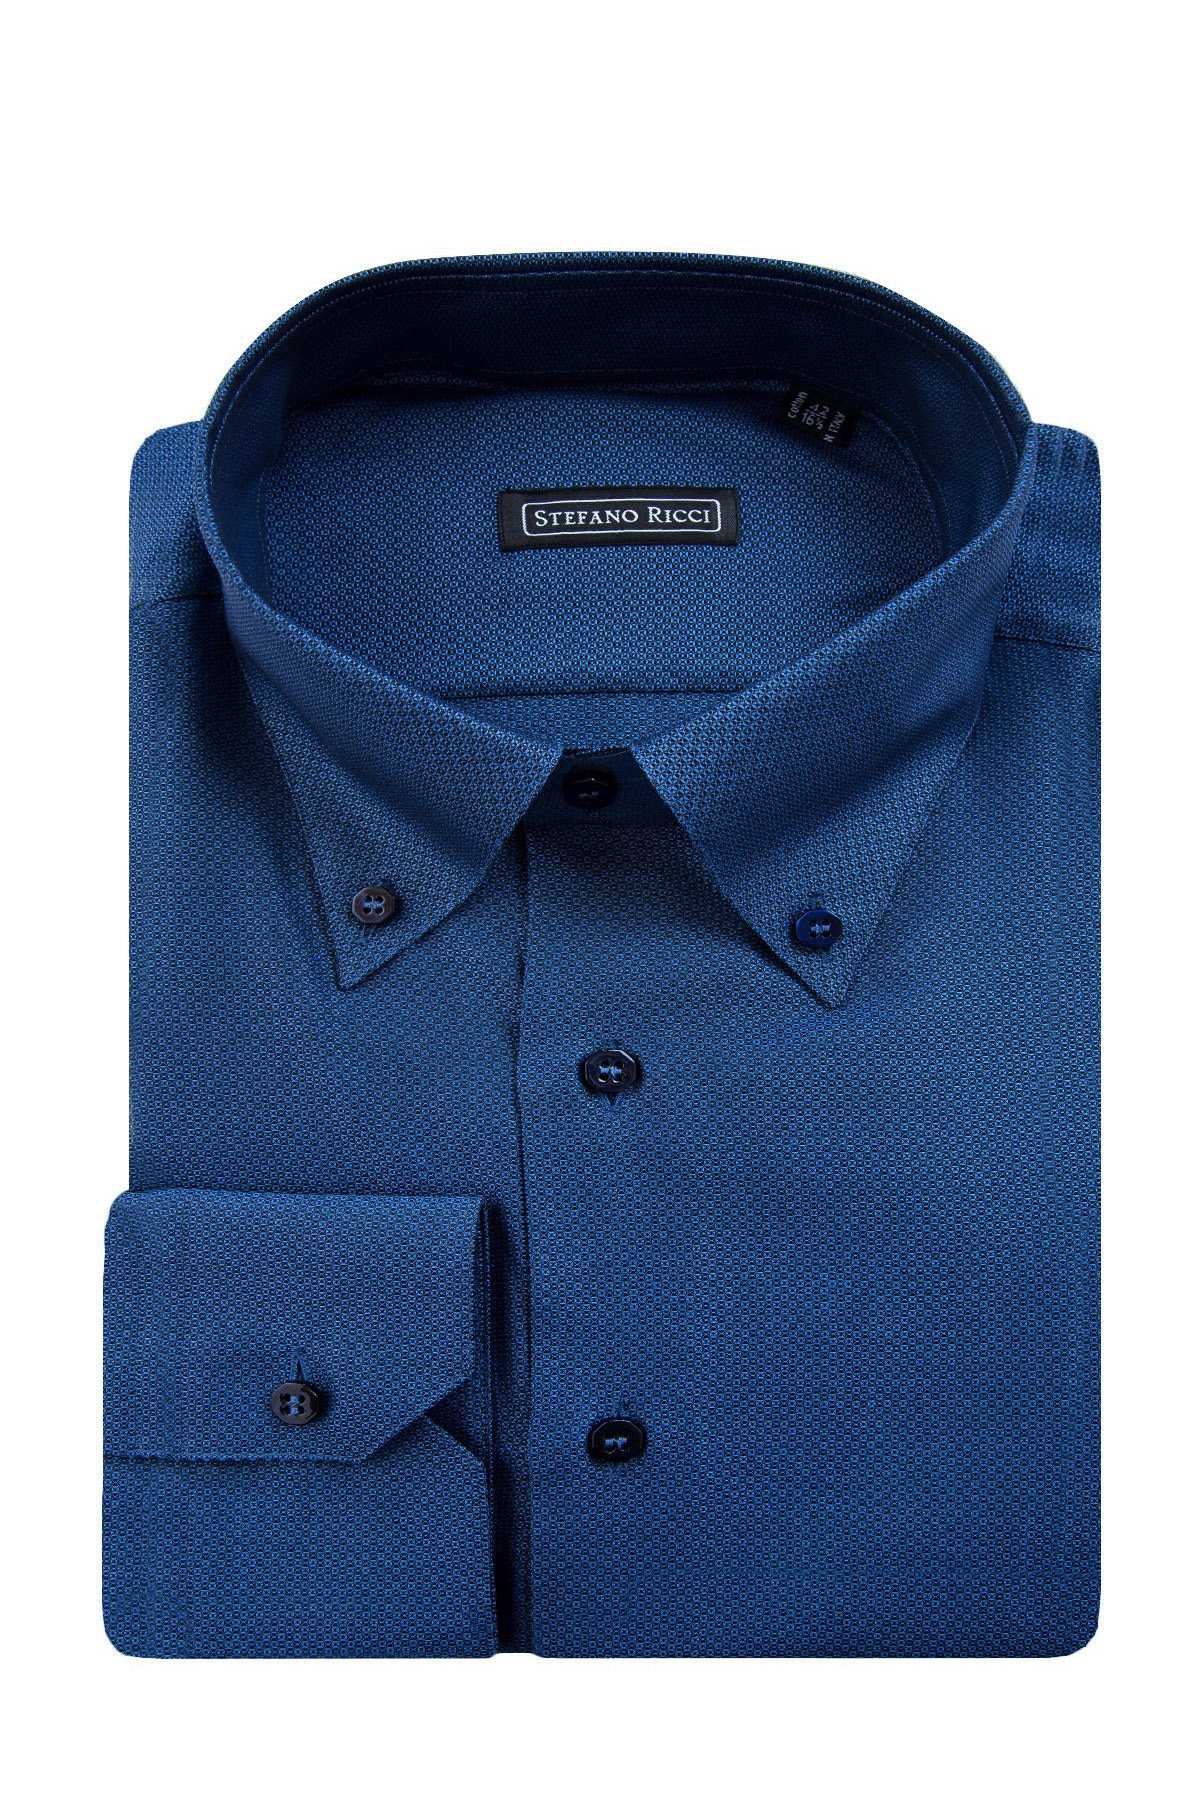 Купить Рубашка, STEFANO RICCI, Италия, 100% хлопок